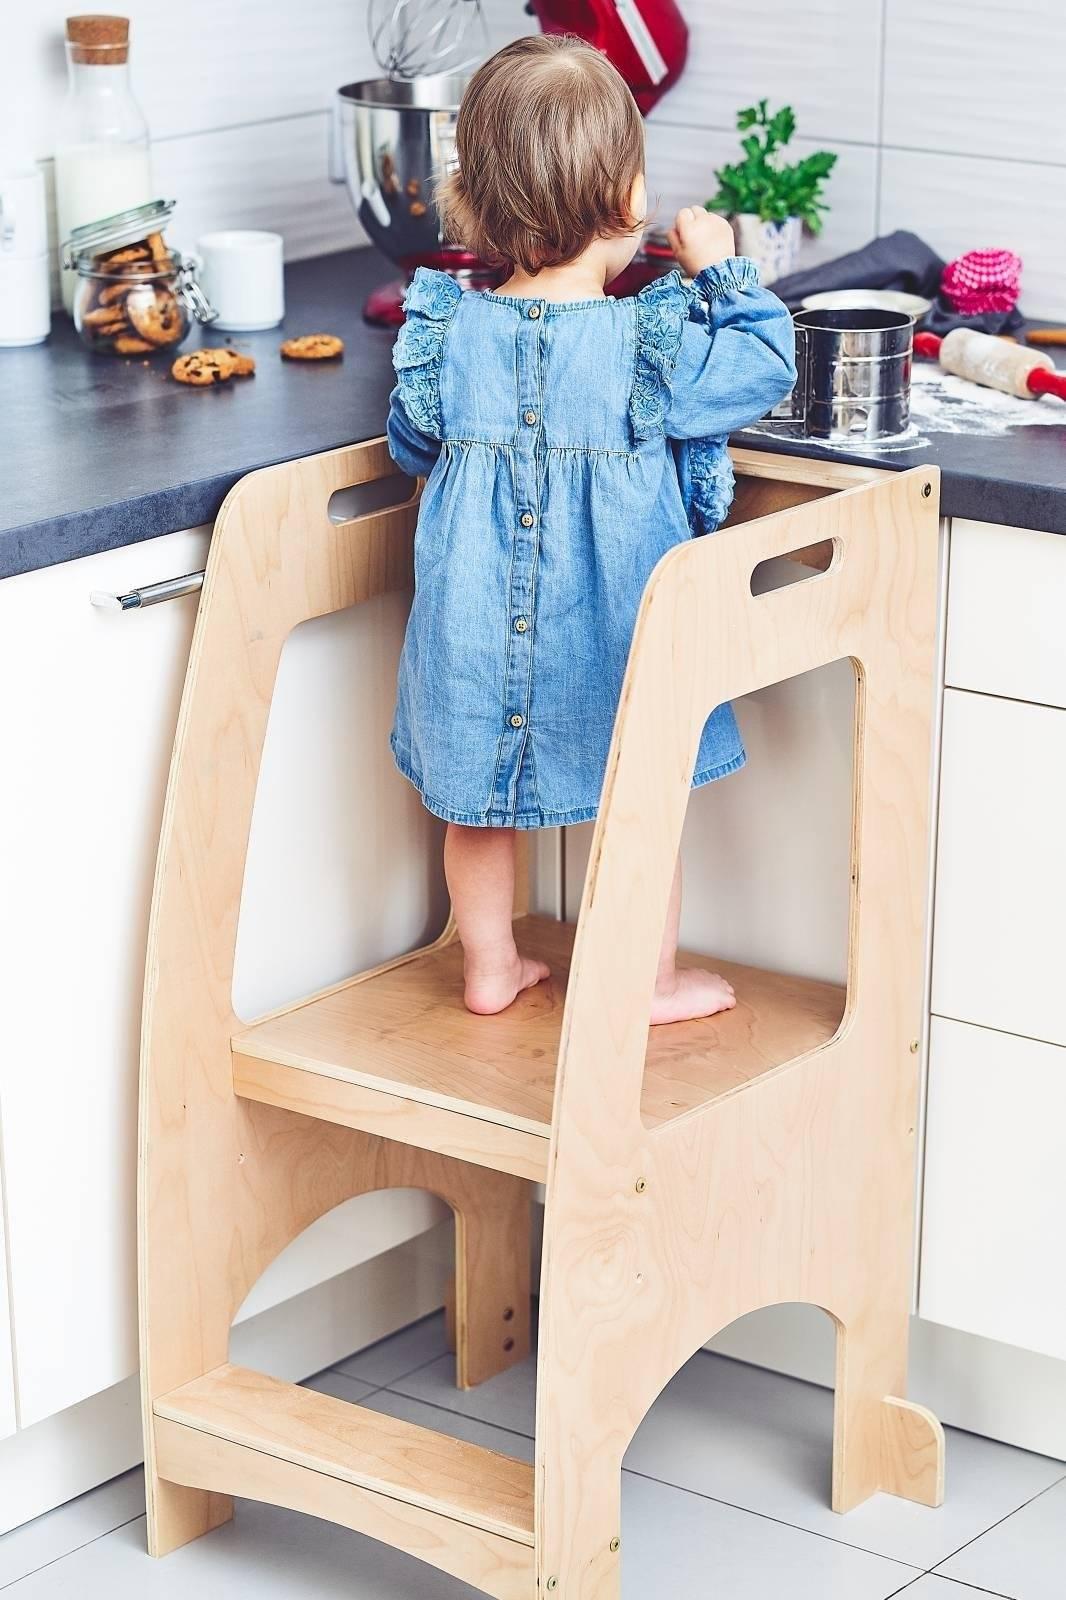 Twój pomocnik kuchenny - Kitchen helper